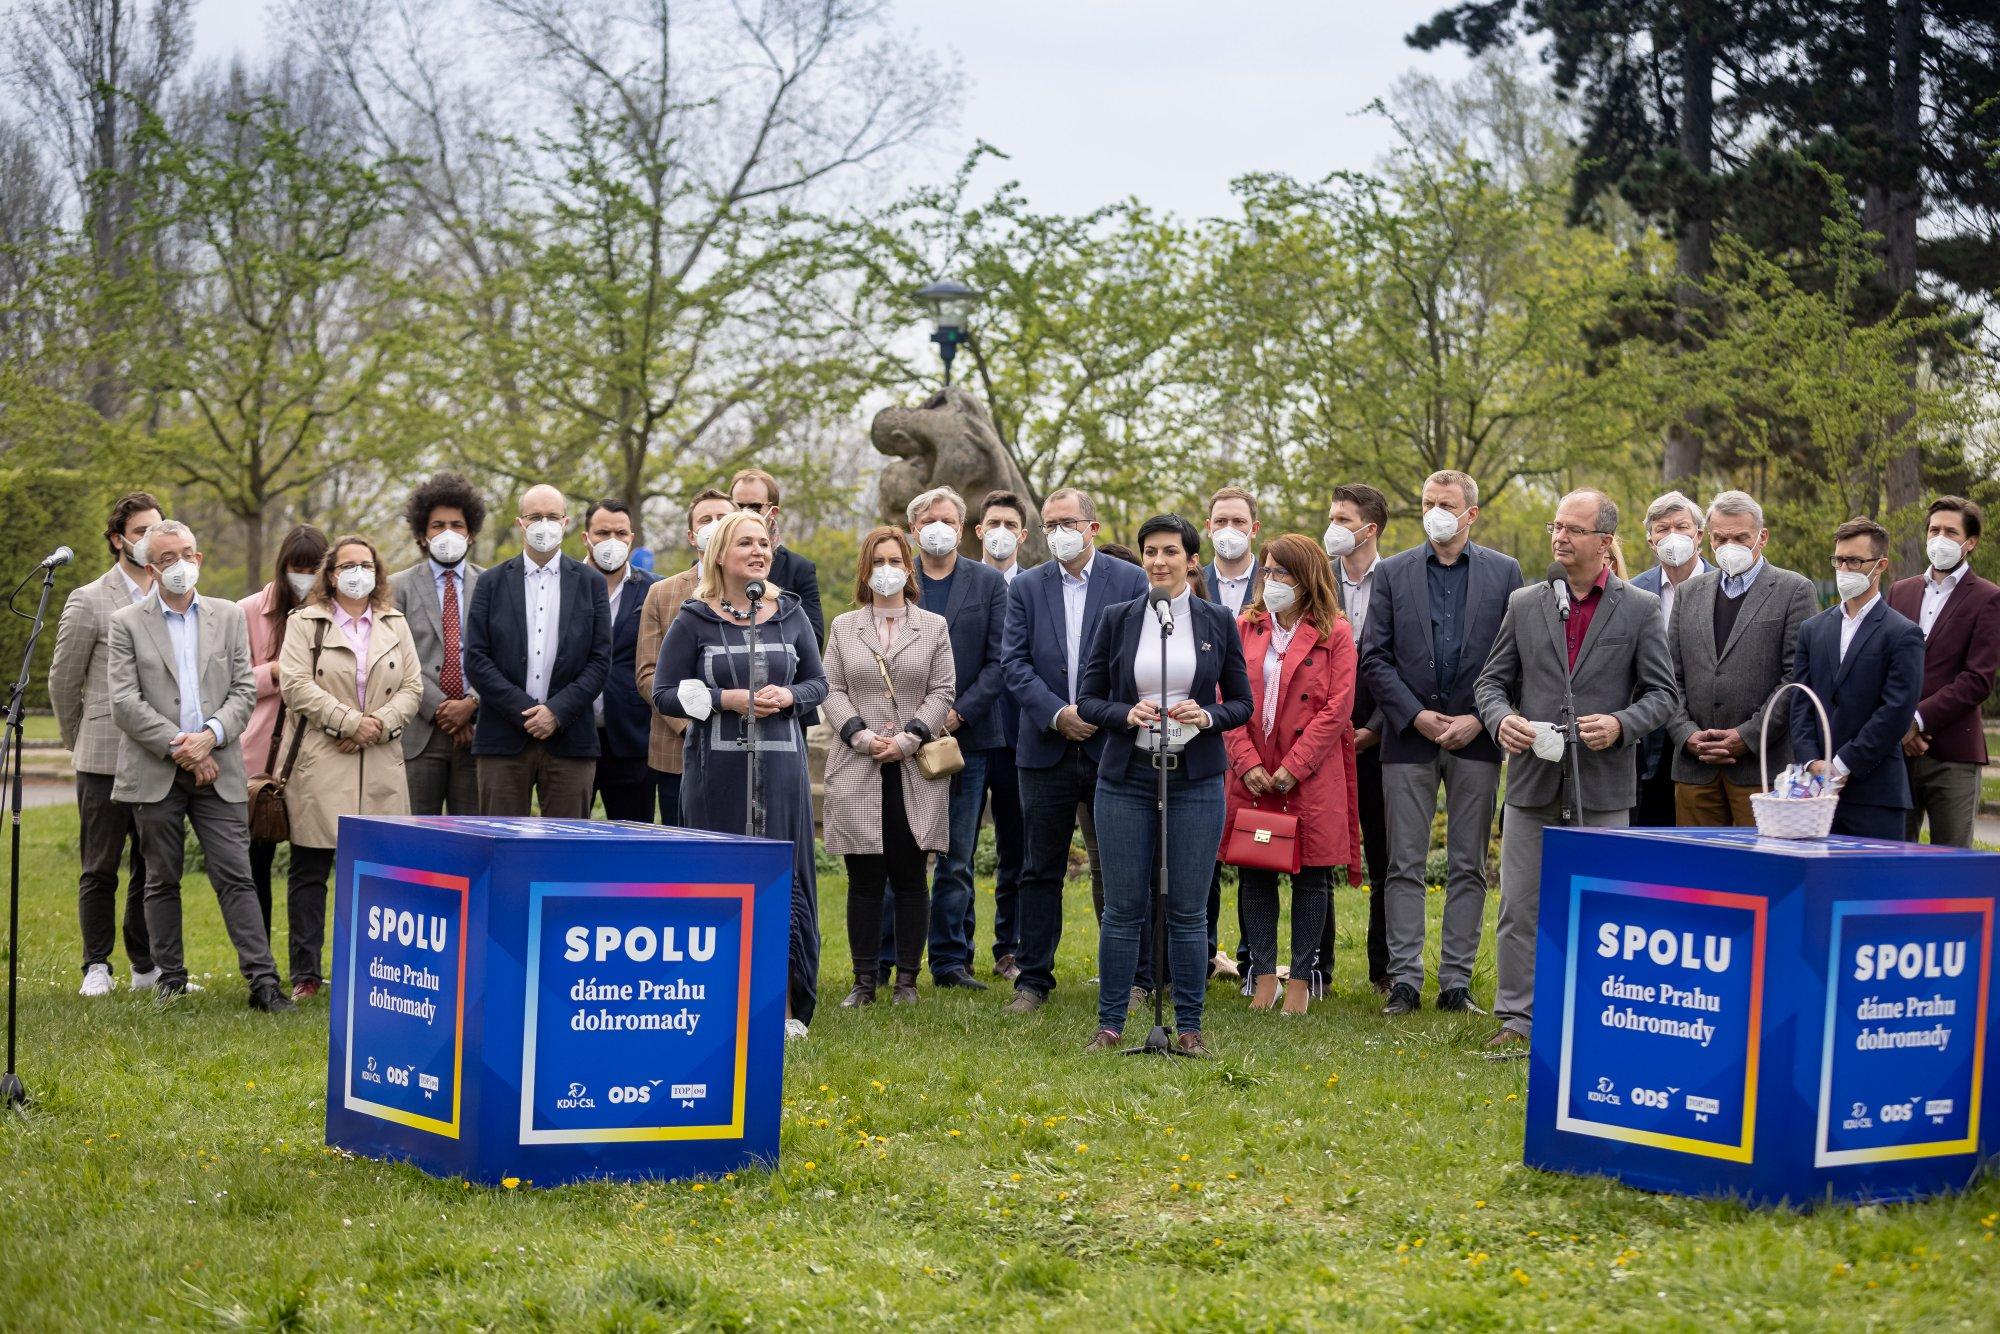 SPOLU restartujeme podnikání v Praze, hlásí pražští lídři koalice SPOLU